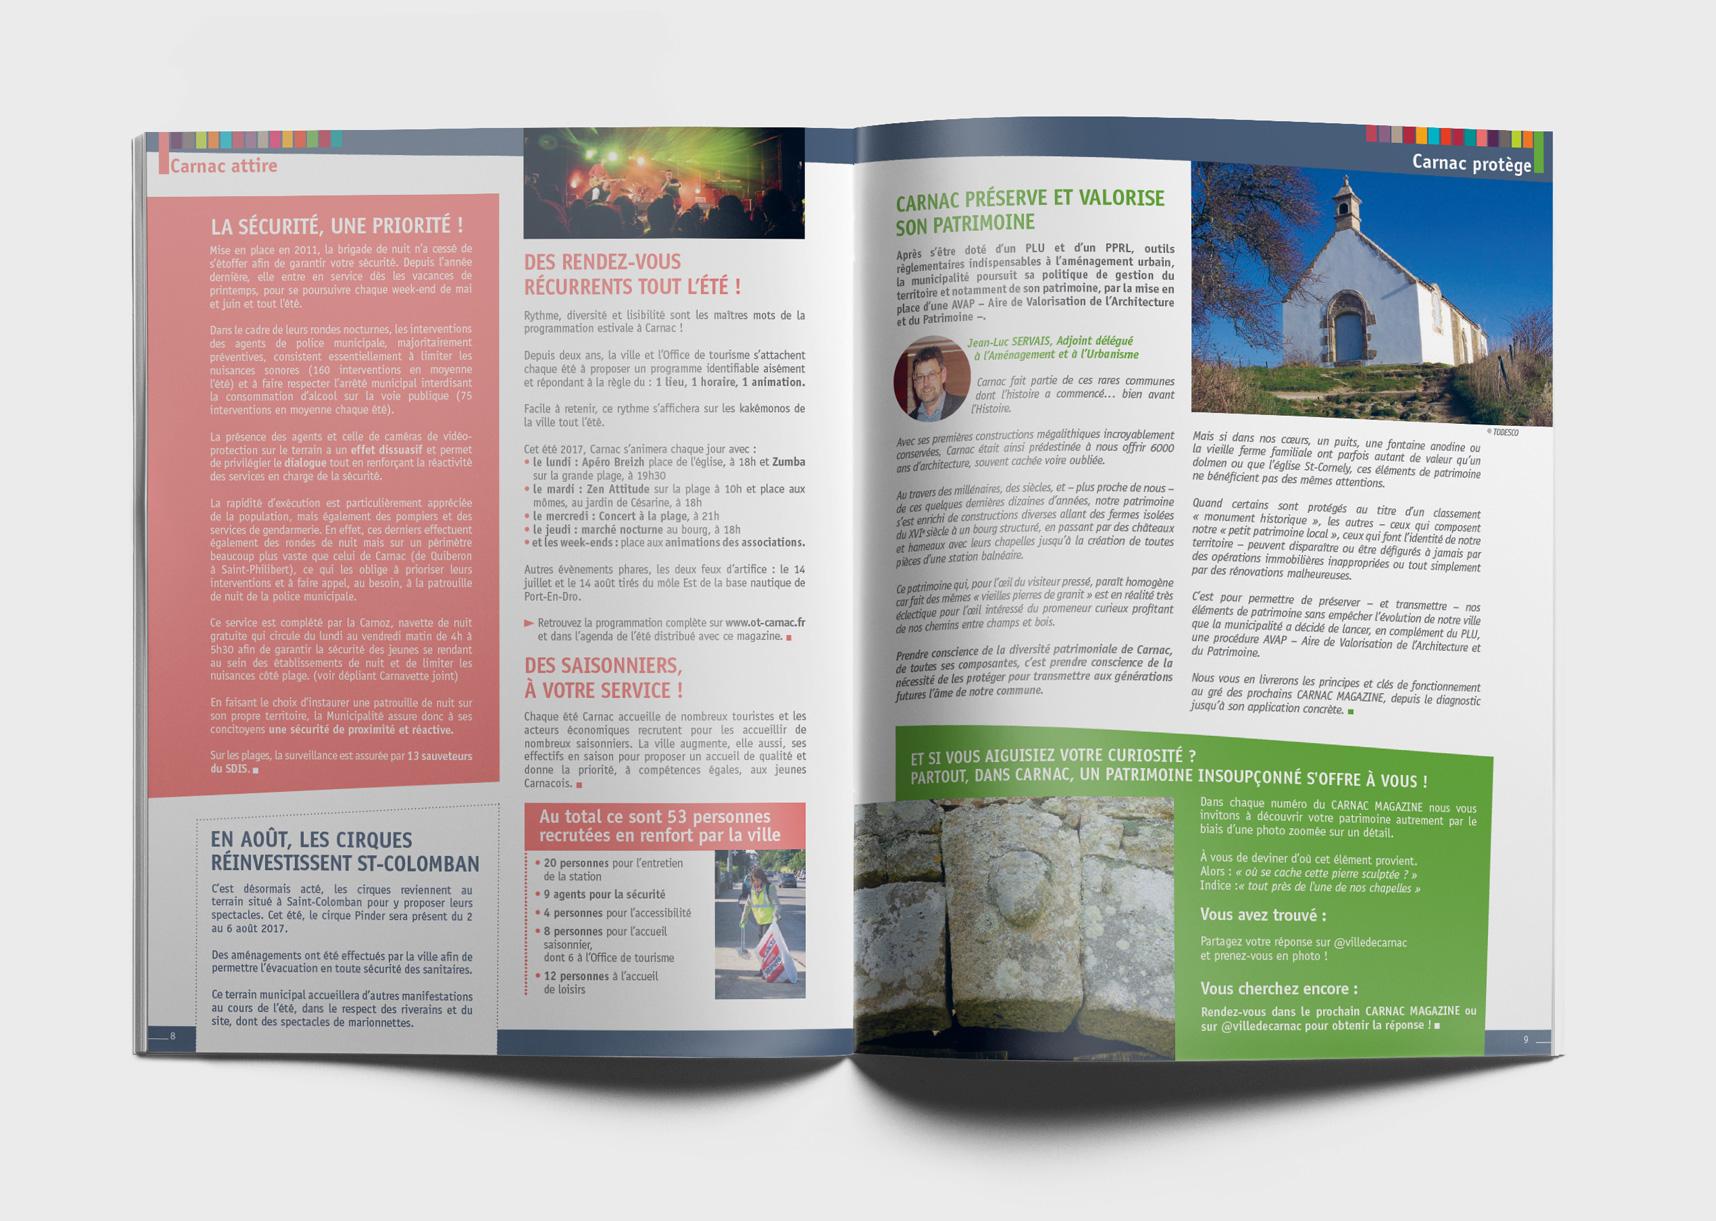 IZATIS_CARNAC_bulletin_pages_interieures_1